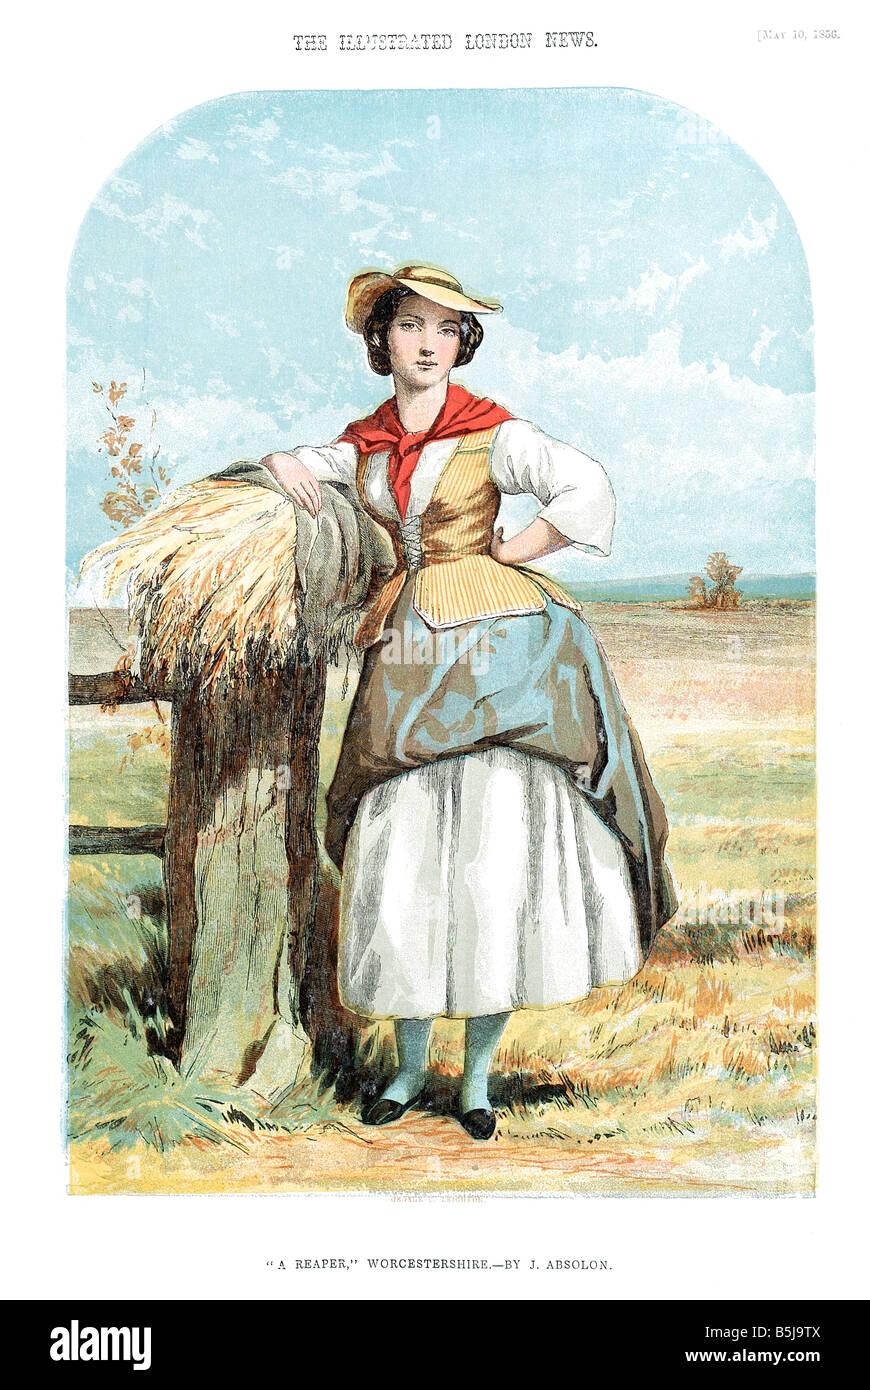 Un reaper Worcestershire 10 maggio 1856 l'Illustrated London News Page Immagini Stock